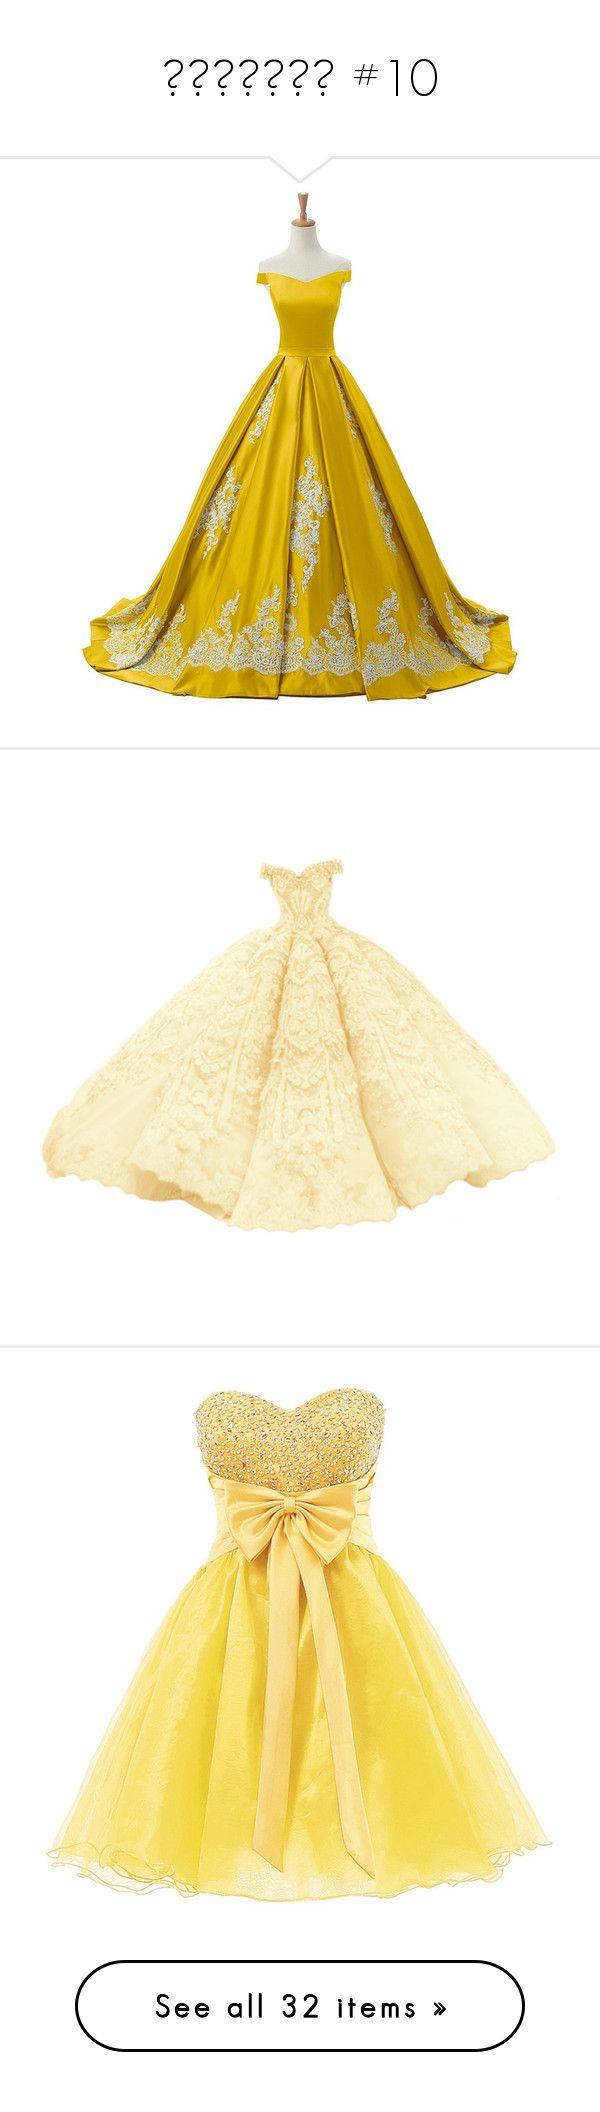 """""""ժɾҽՏՏҽՏ #10"""" by booknerd1326 ❤ liked on Polyvore featuring dresses, gowns, gown, long dress, yellow evening gown, yellow quinceanera dresses, long bridesmaid dresses, yellow evening dress, quinceanera gowns and beige dress"""